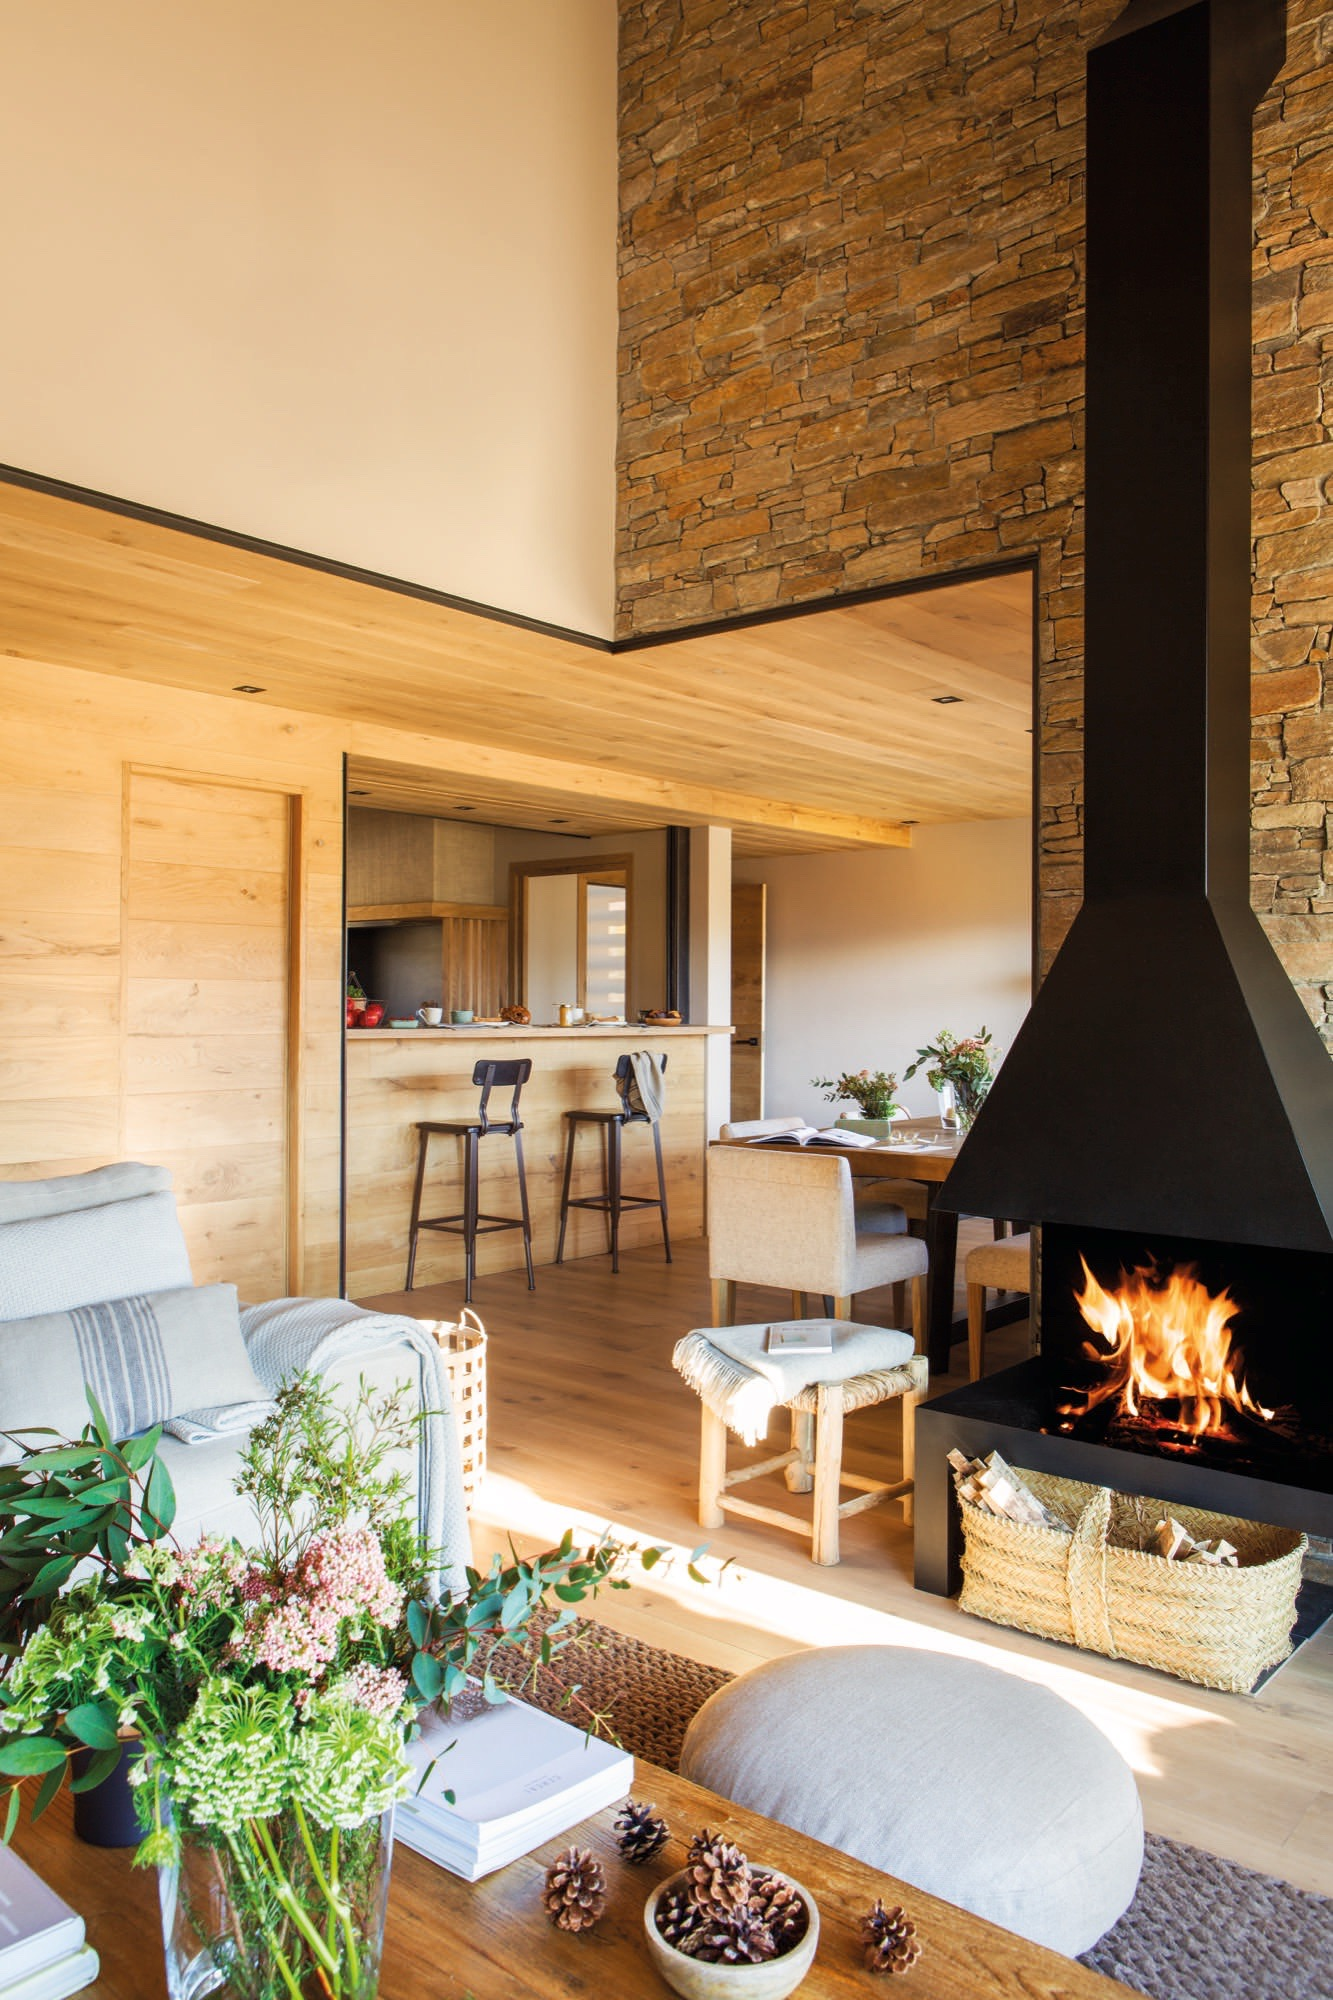 Una casa de monta a c lida acogedora y muy abrigada en la - Salones de casas rusticas ...